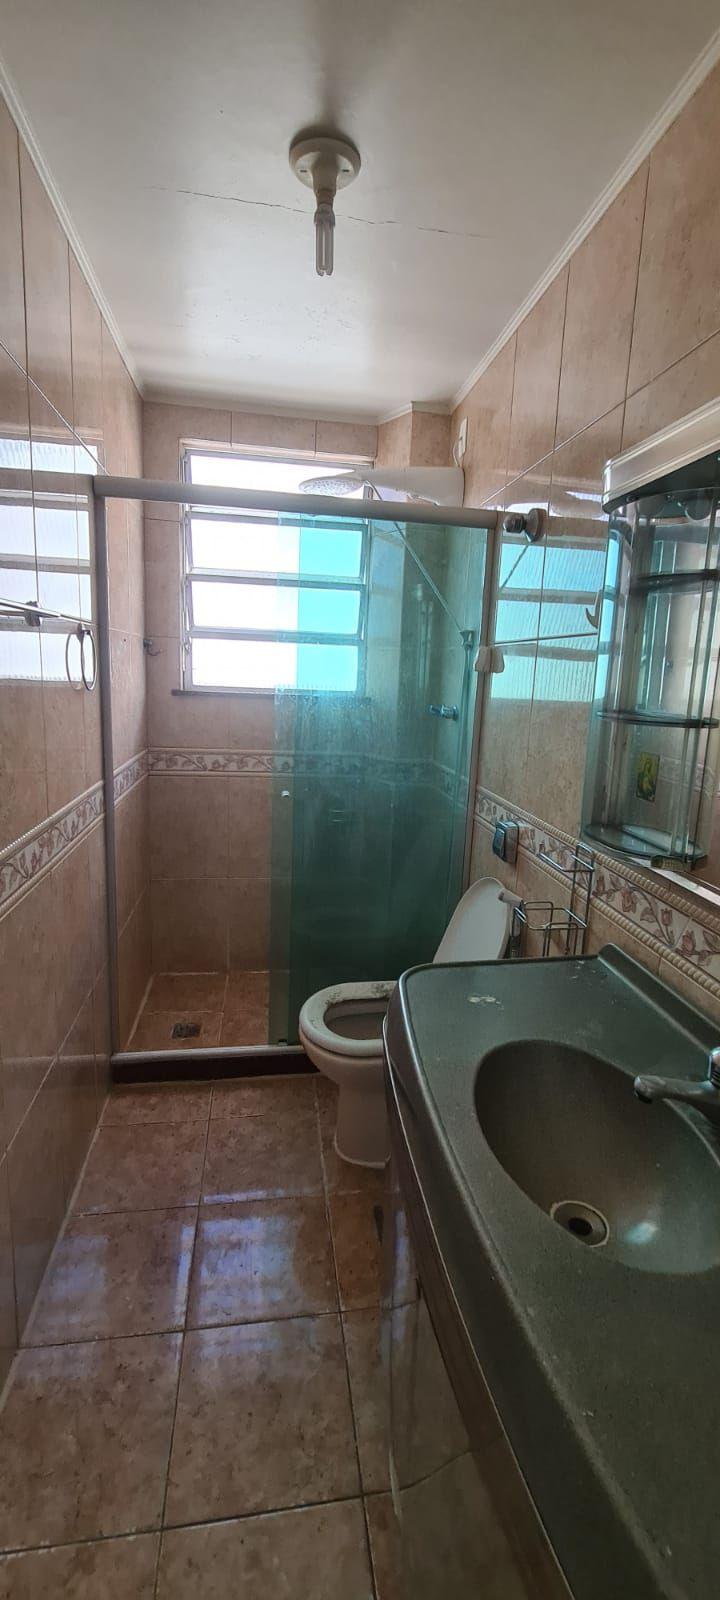 Banheiro - Apartamento 2 quartos à venda Rio de Janeiro,RJ - R$ 480.000 - 109 - 5